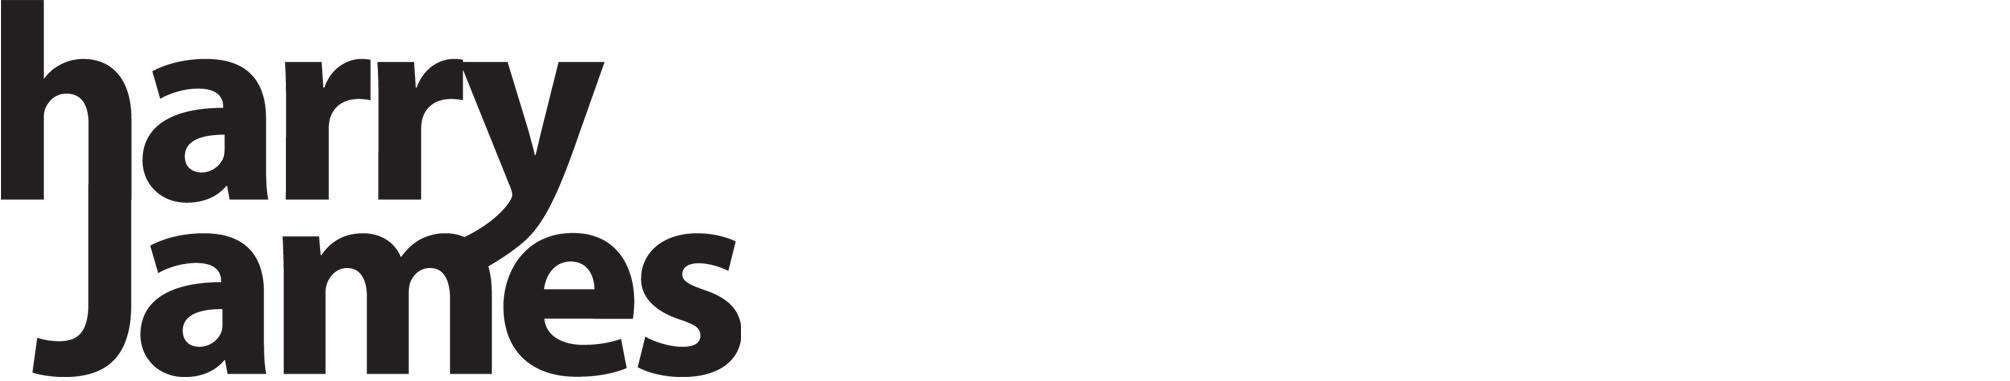 harry-james-logo-banner.jpg